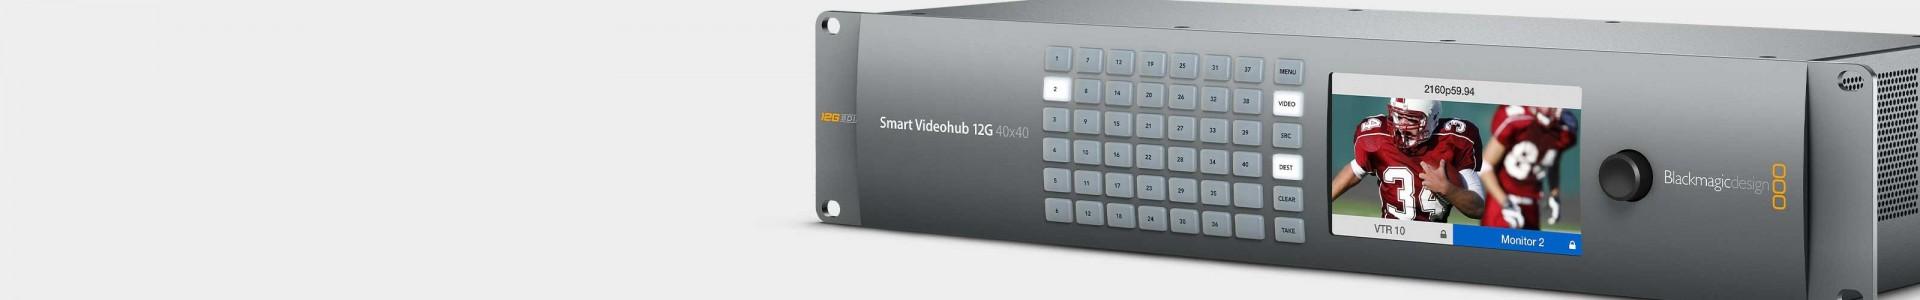 Blackmagic video matrixes chez Avacab - Distributeur officiel